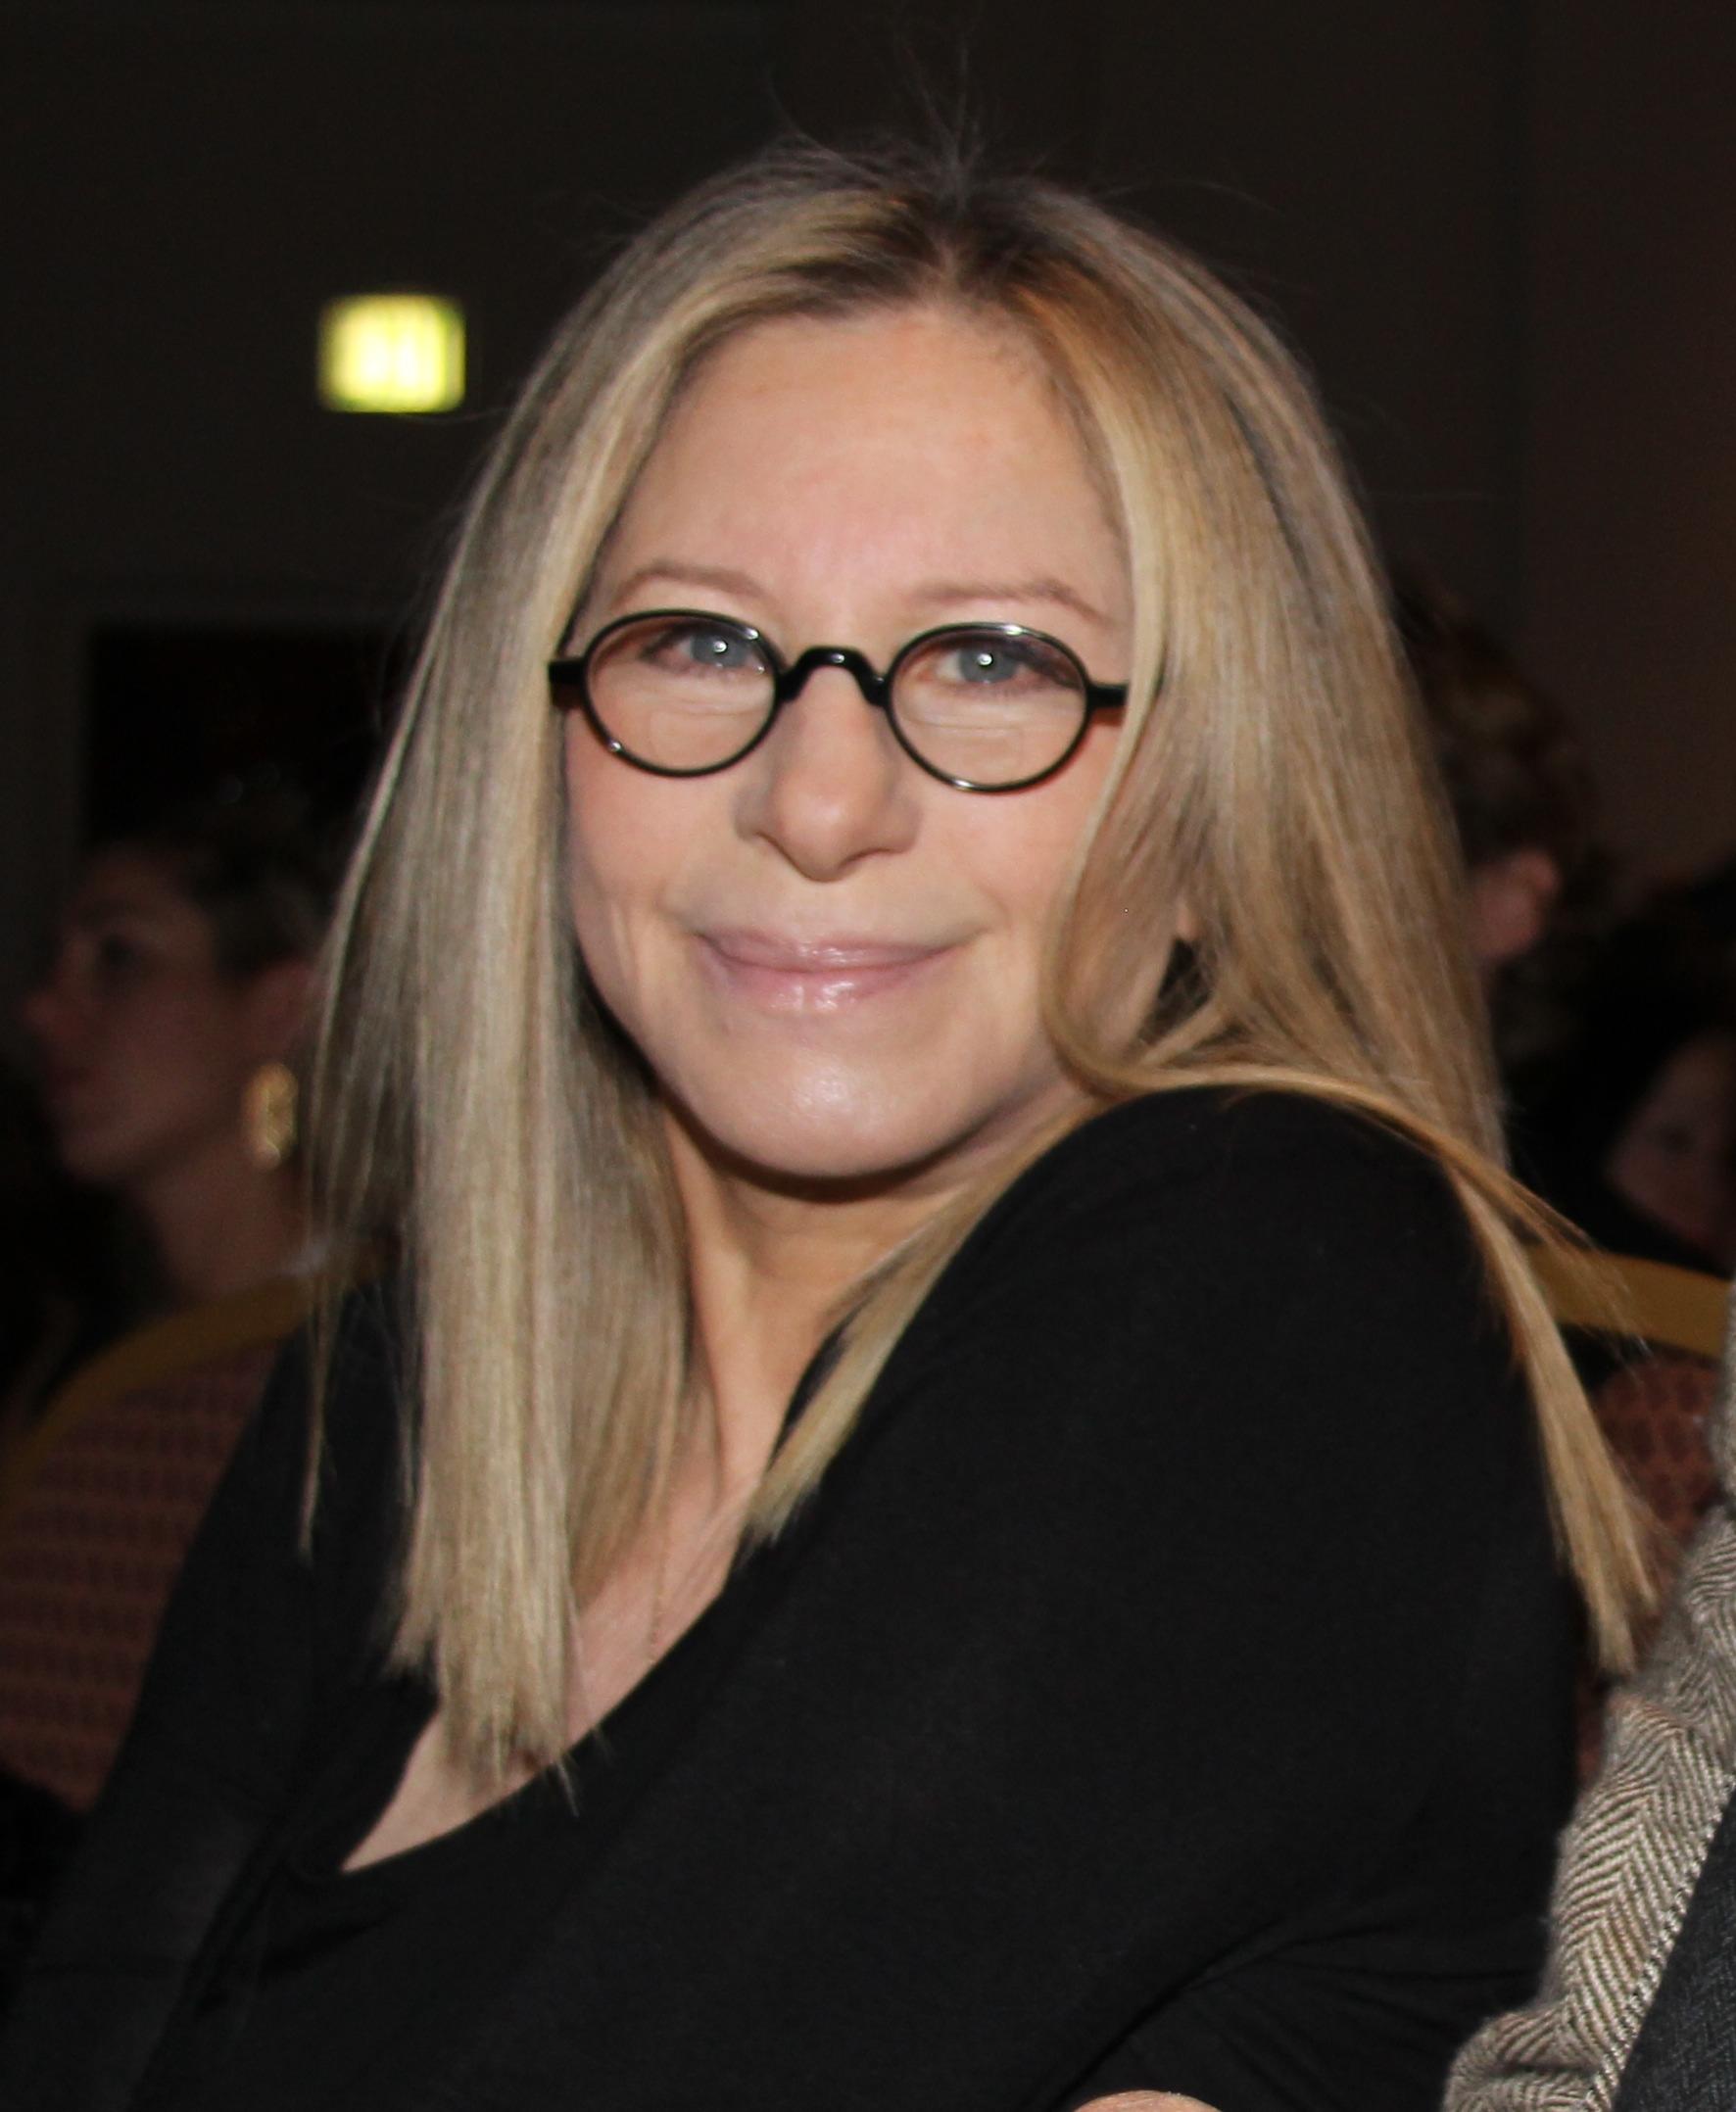 Depiction of Barbra Streisand